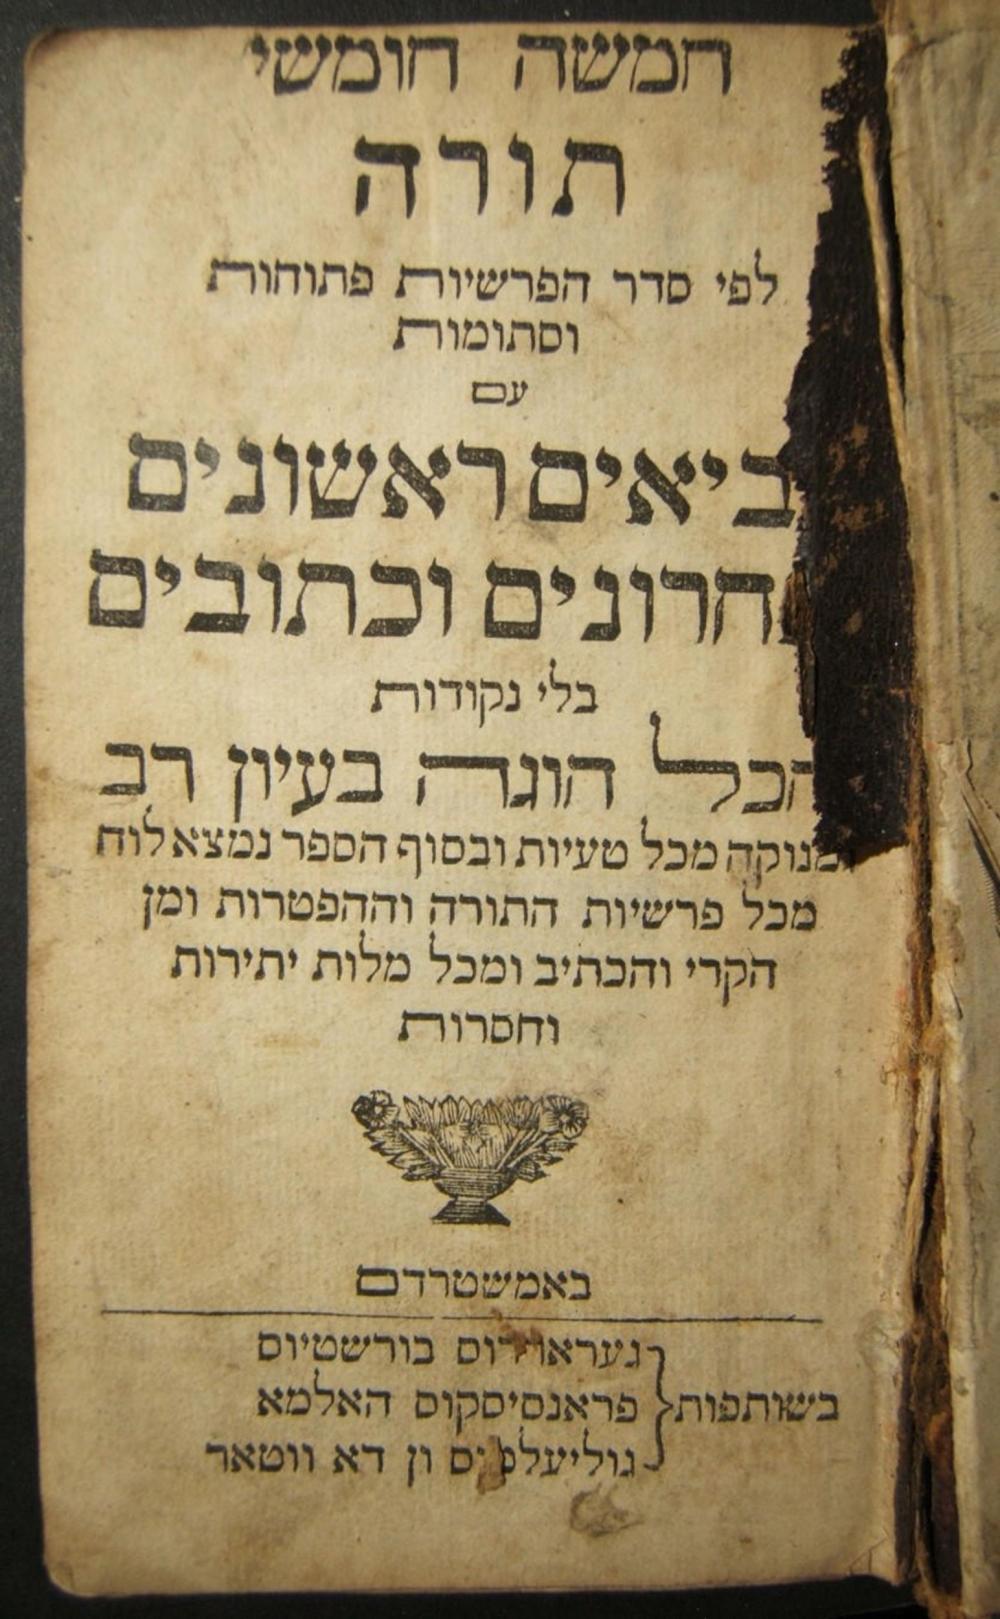 DUTCH LATIN/HEBREW BIBLIA HEBRAICA TANACH, PART 2